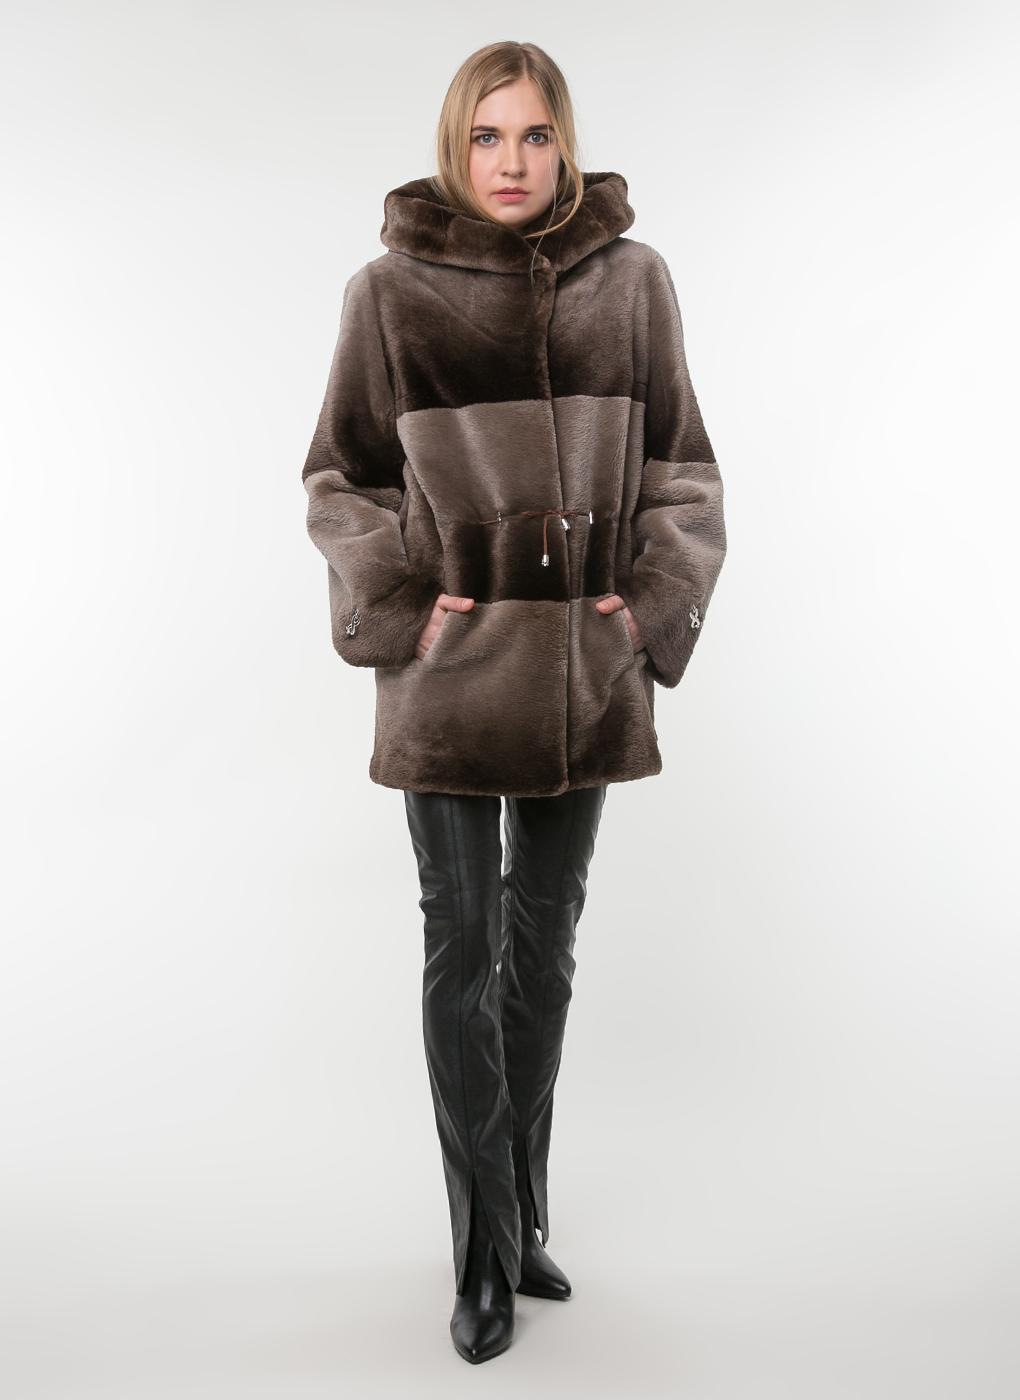 Куртка из бобра Автоледи 12, Dallia